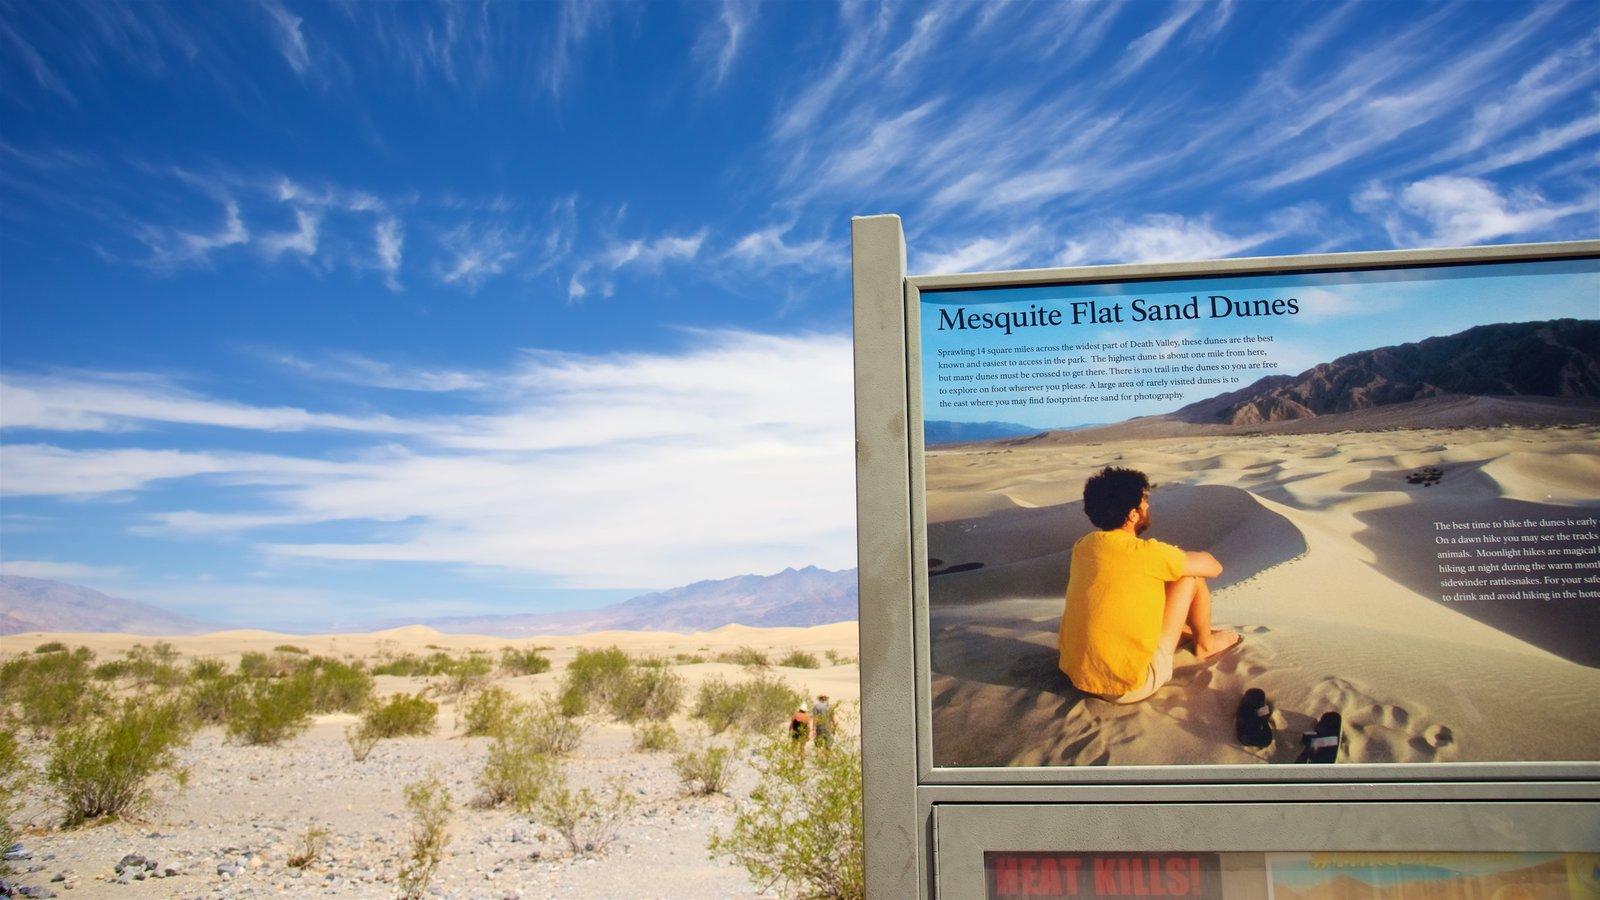 Vale da Morte caracterizando paisagens do deserto e sinalização